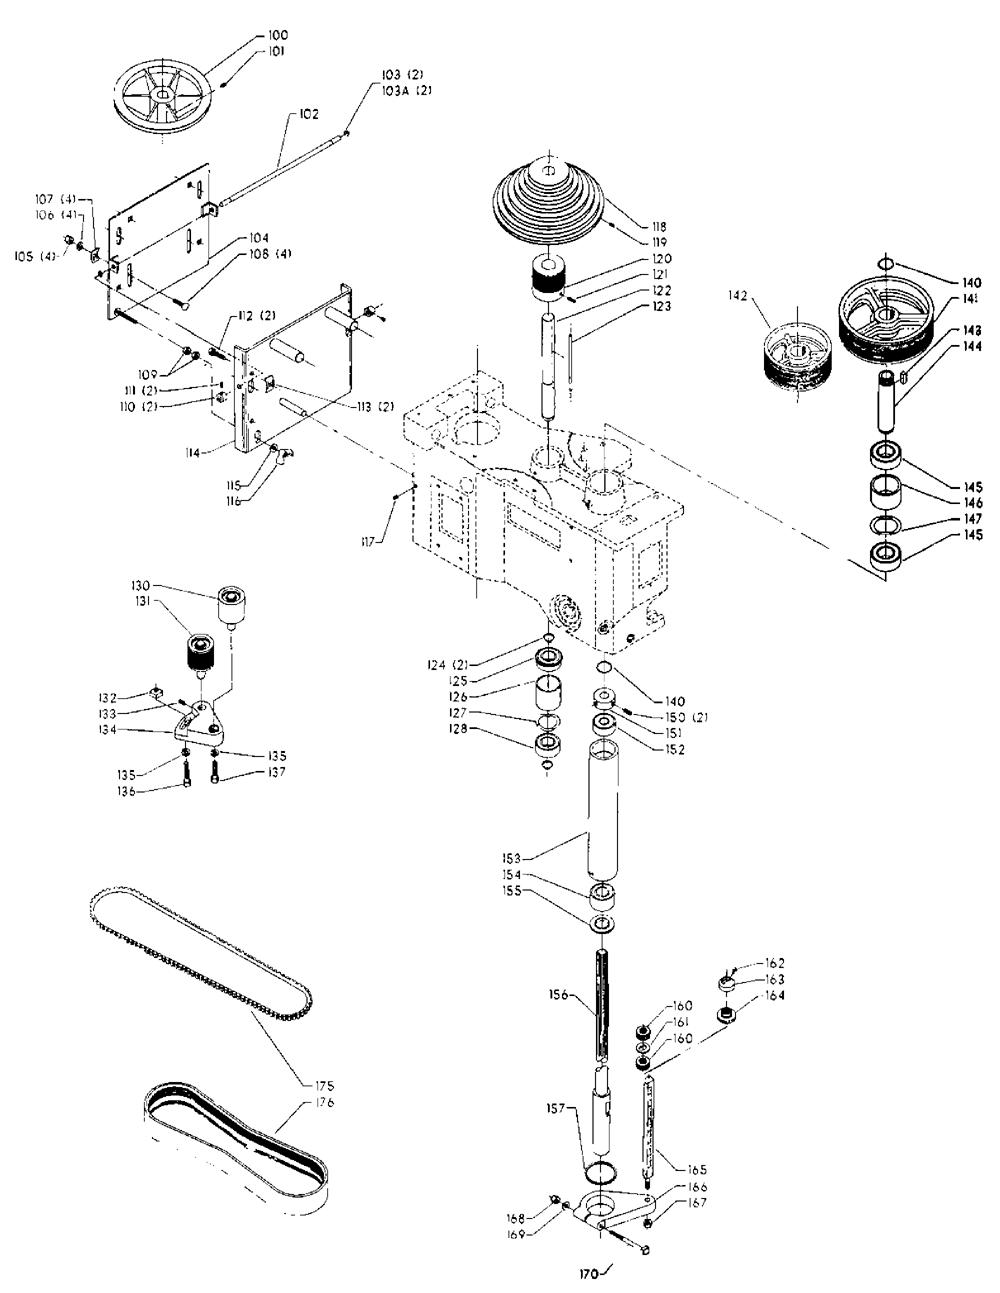 70-243-Delta-T1-PB-3Break Down